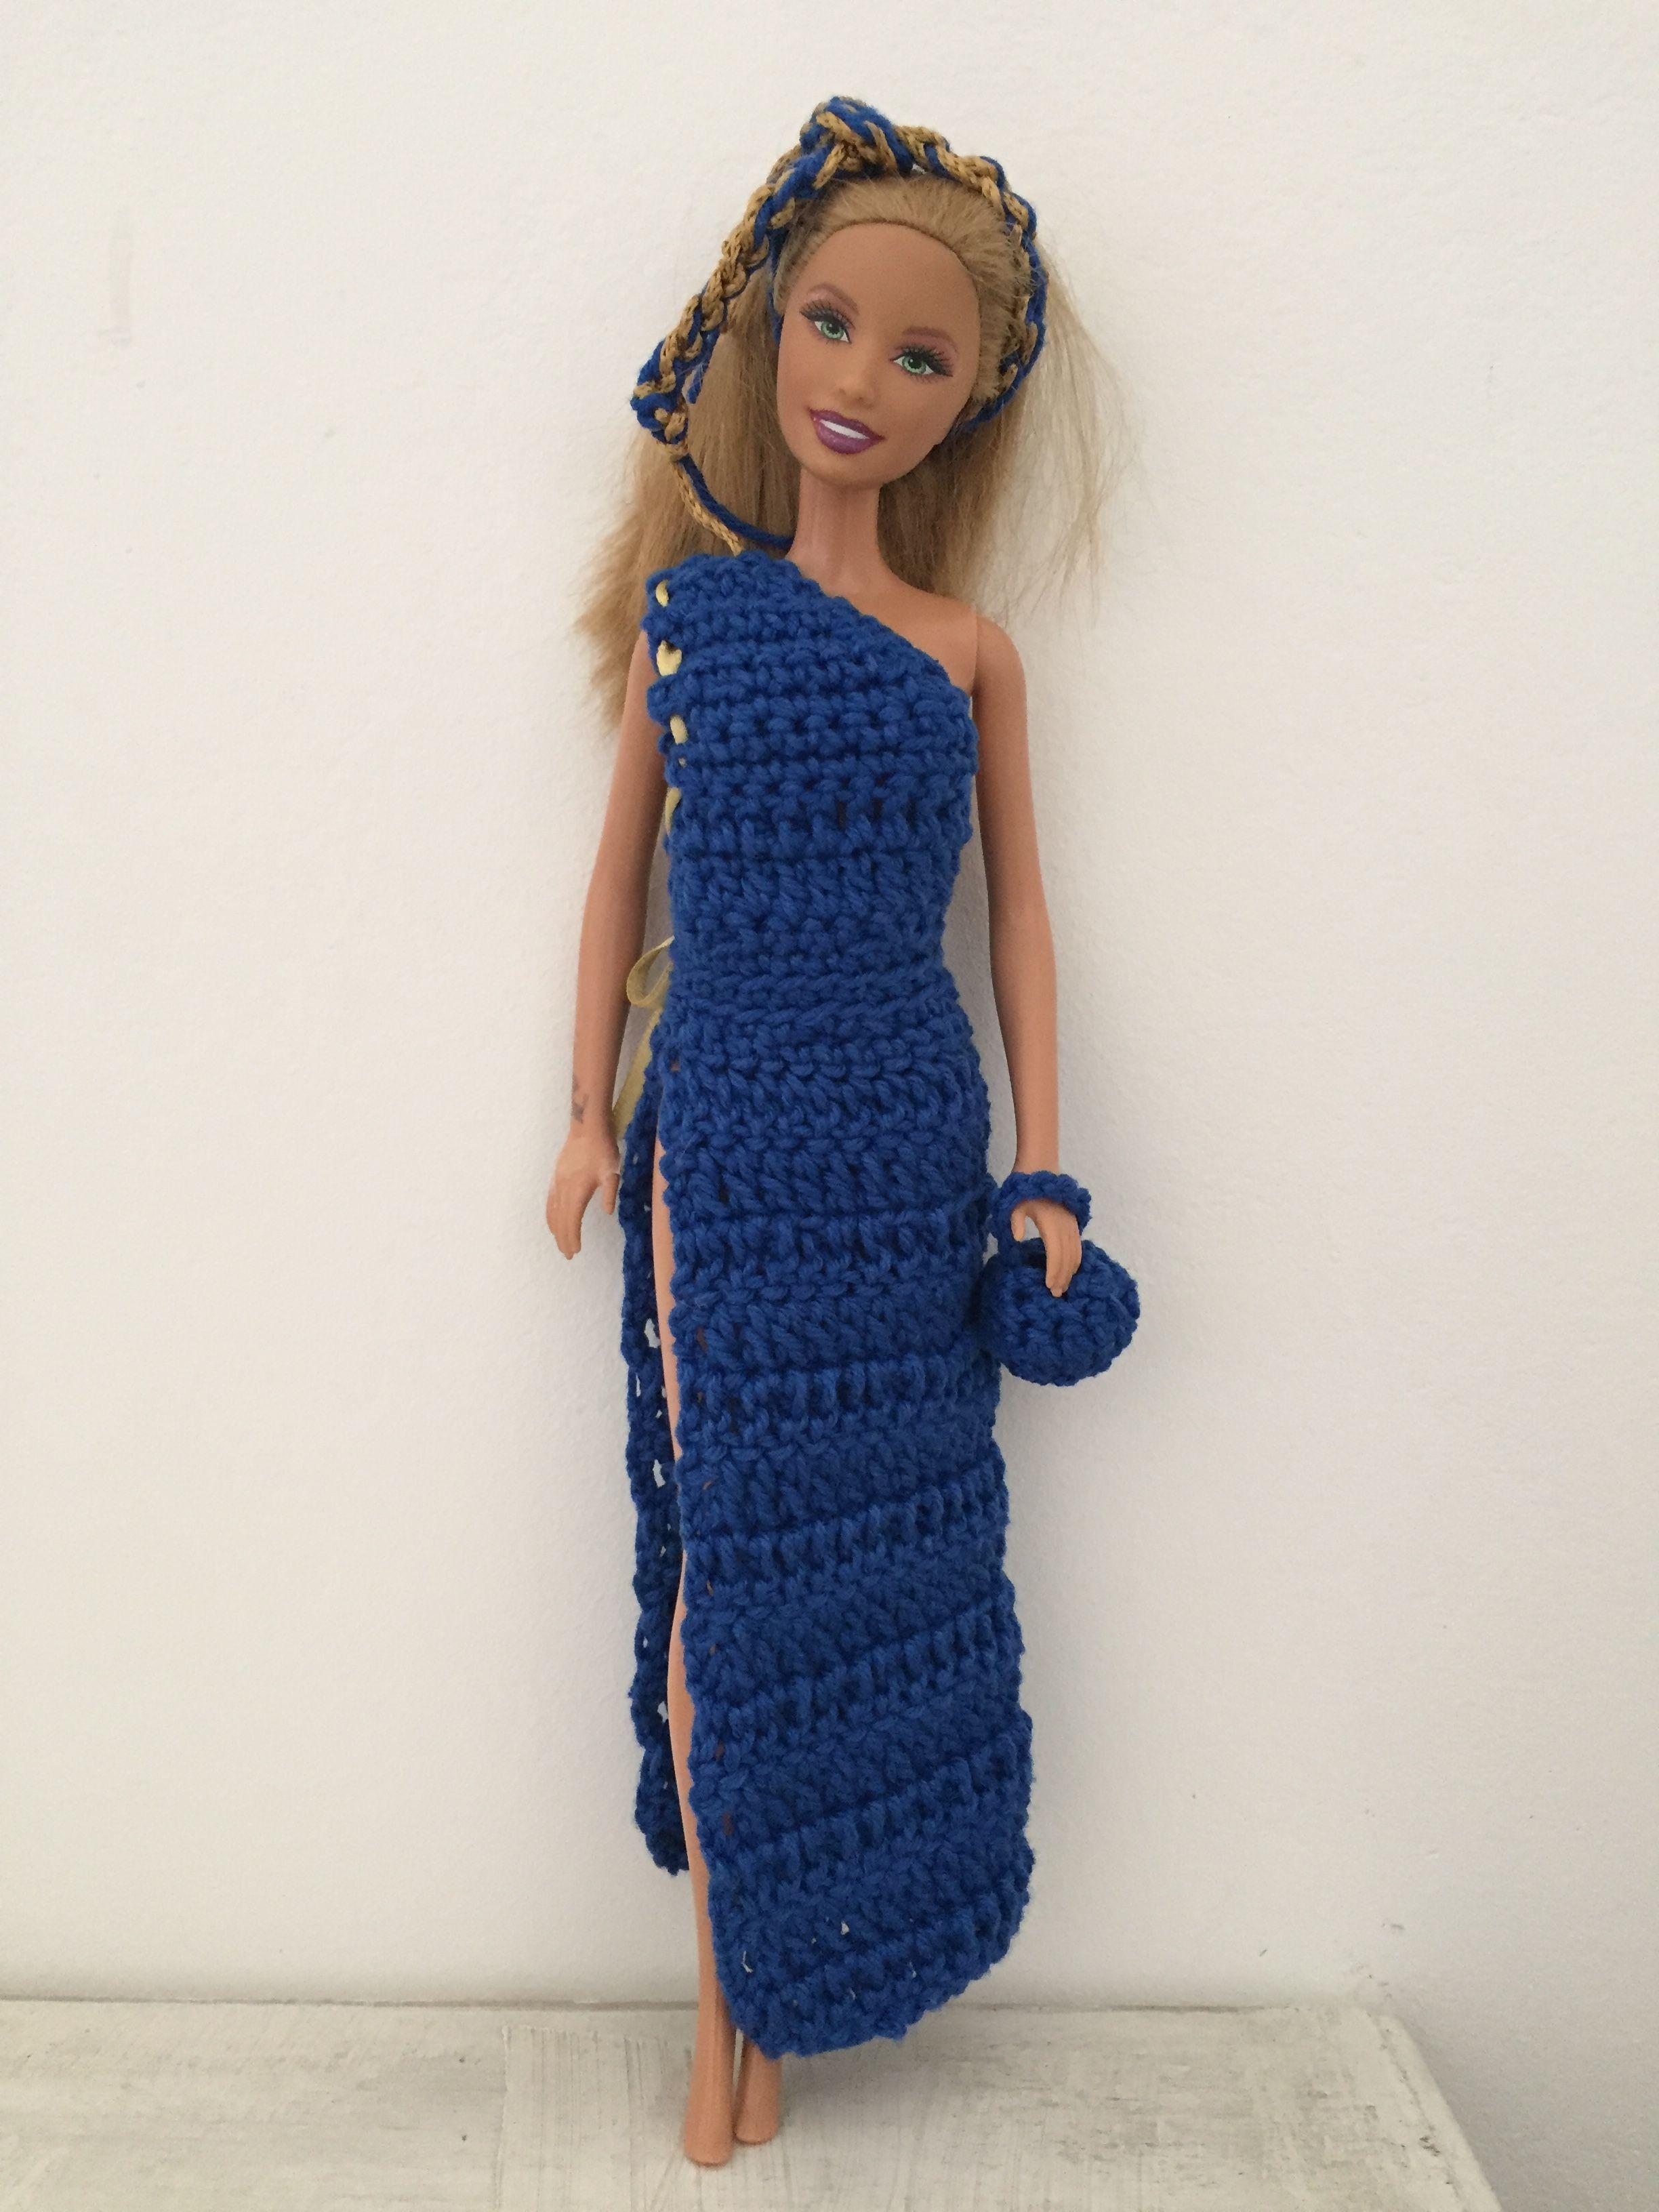 Pin Van Bertie Op Barbie Kleertjes Pinterest Barbie Haken En Poppen